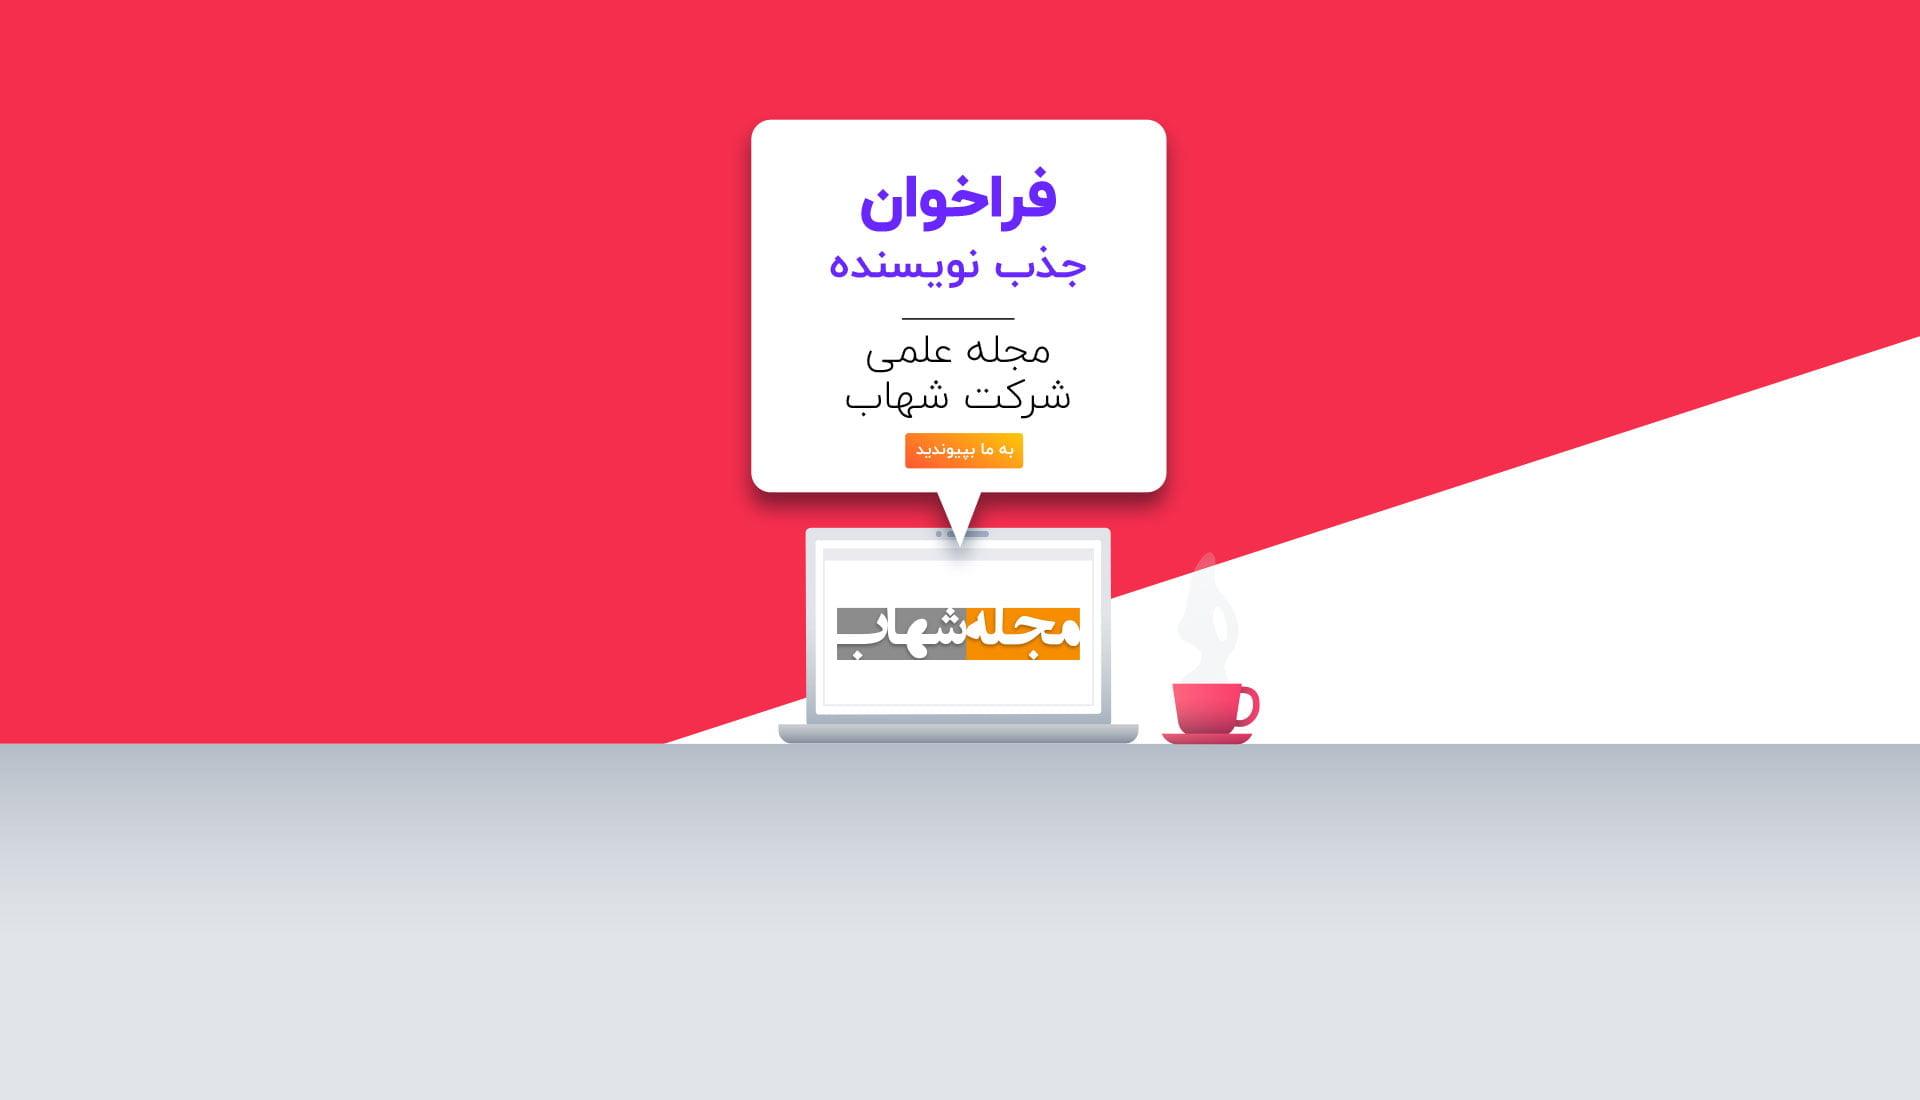 فراخوان جذب نویسنده